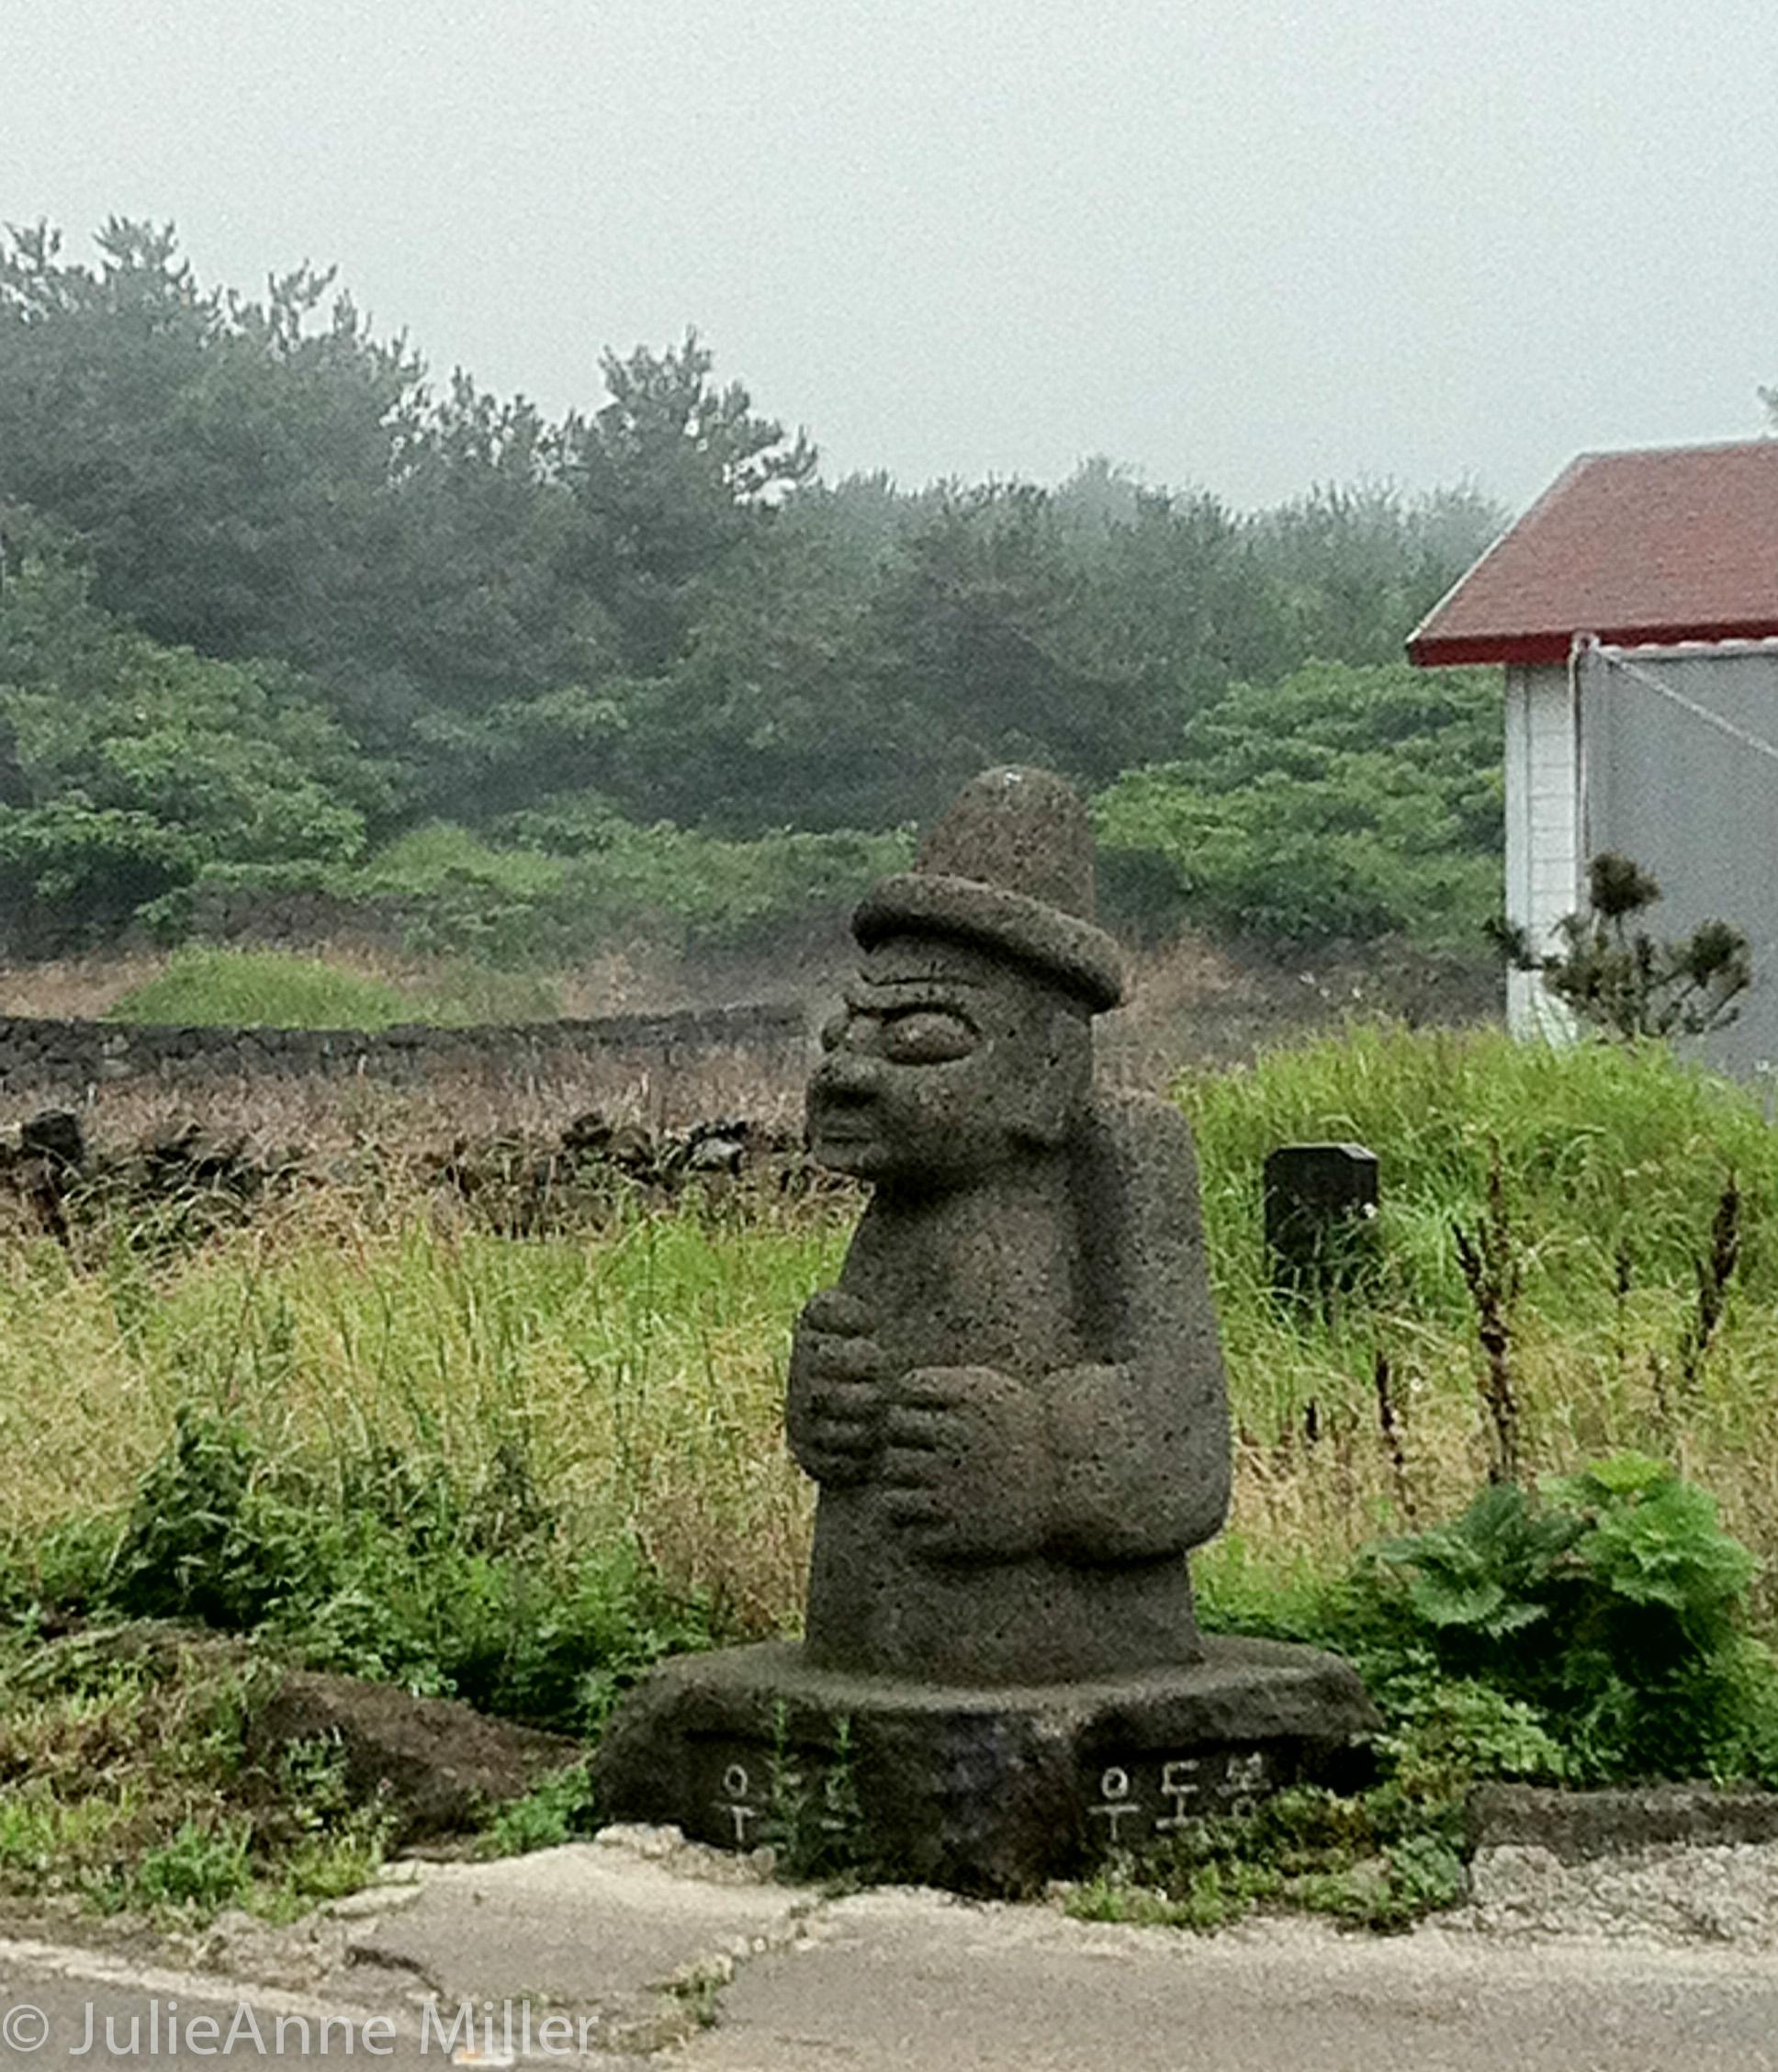 Udo Island, South Korea